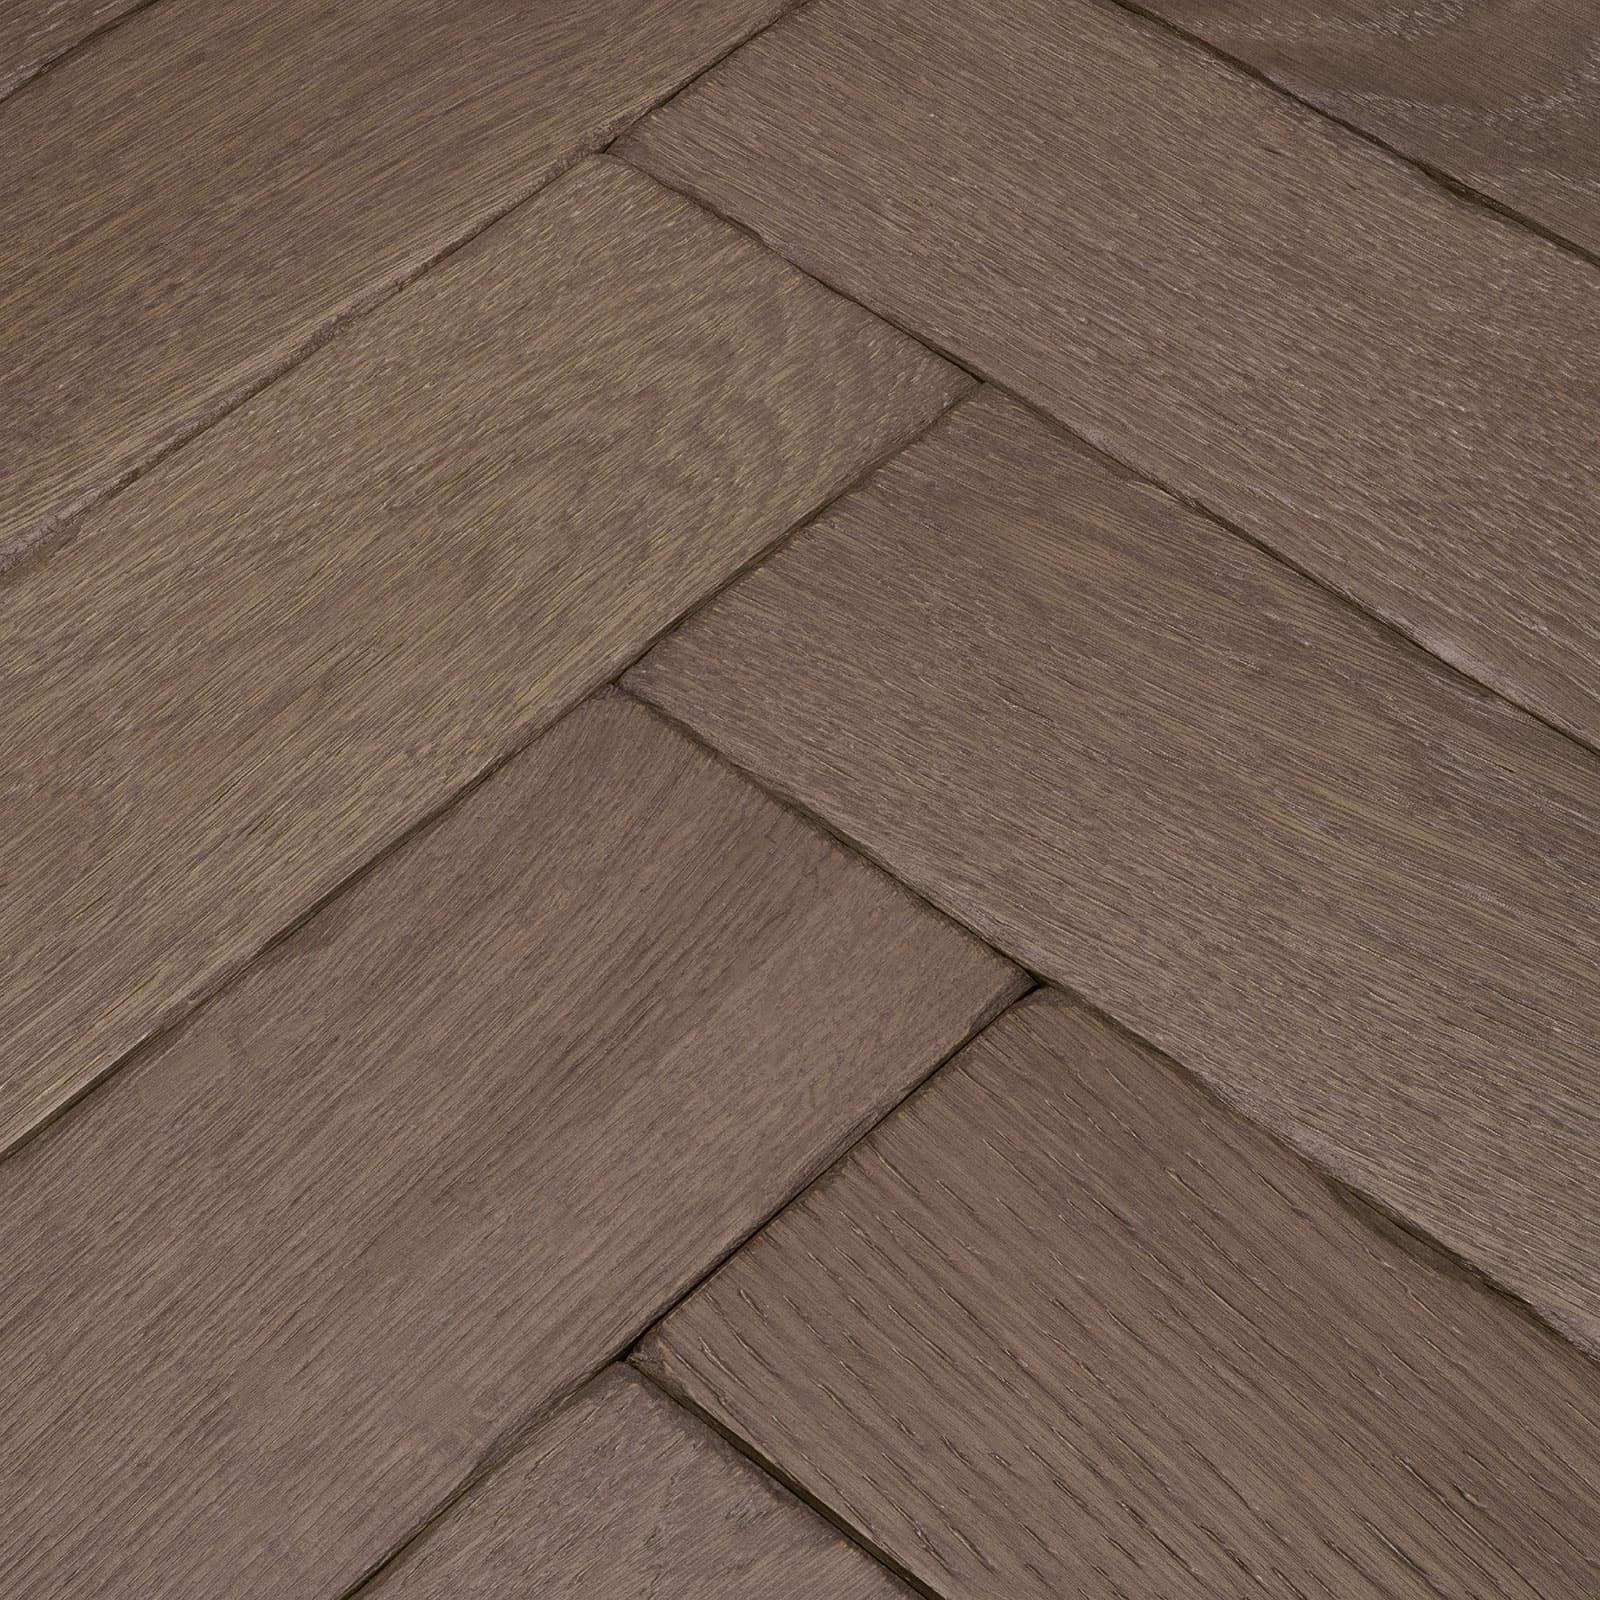 Barn Oak Goodrich Woodpecker Flooring